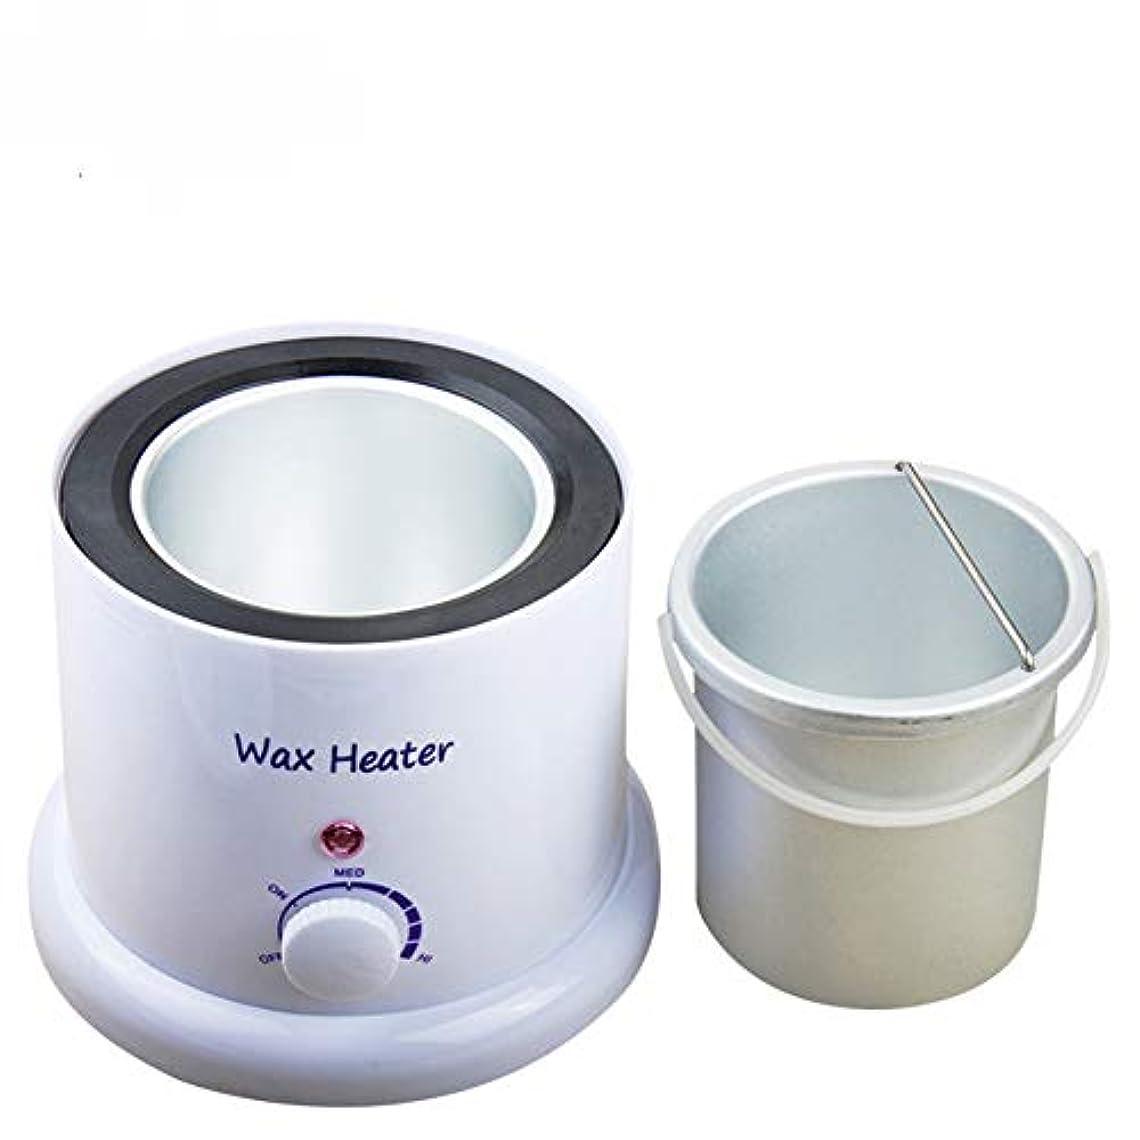 欠如プレゼンテーションマリナーワックスウォーマーパラフィンヒーターマシン1000 ML風呂熱療法用フェイスケアハンドケアサロンスパ美容器機